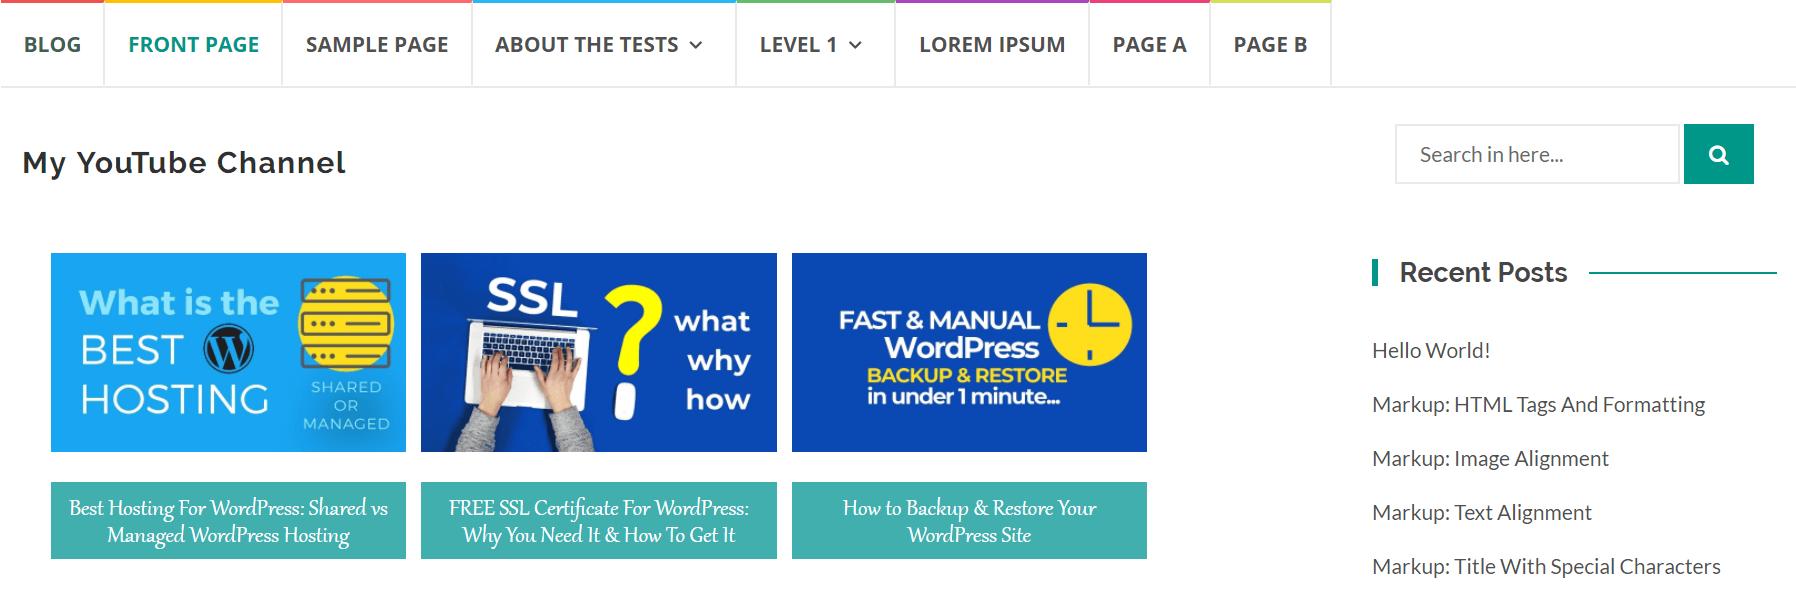 將YouTube視頻添加到WordPress的3種方法:視頻。頻道+更多 - WP建站